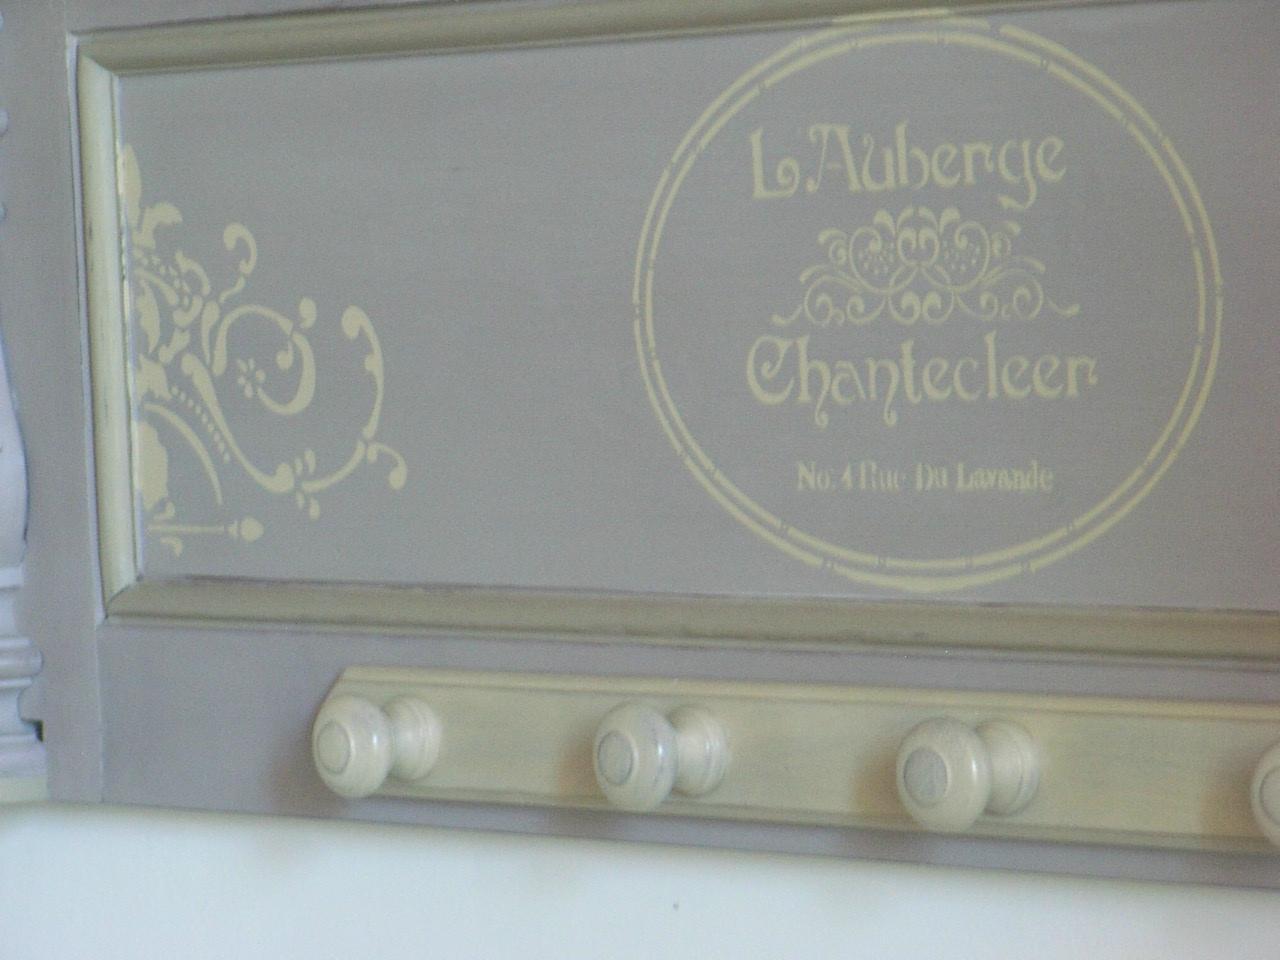 Porte manteau pochoir chantecleer d coration du bontemps for Decoration porte au pochoir